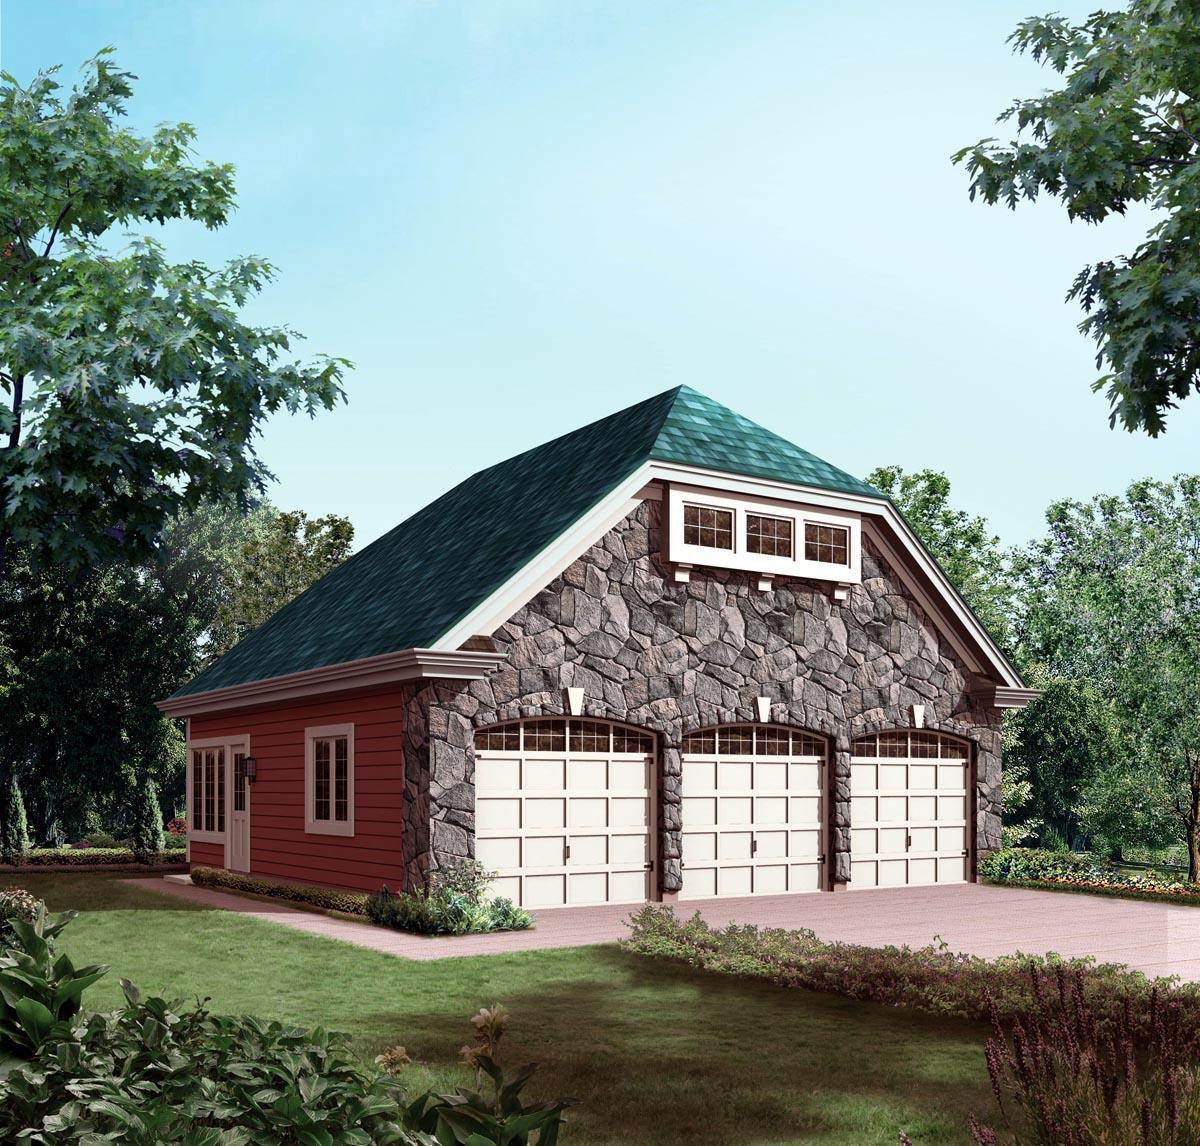 Garage Plan 95826 At Familyhomeplans Com: Garage Plan 95934 At FamilyHomePlans.com